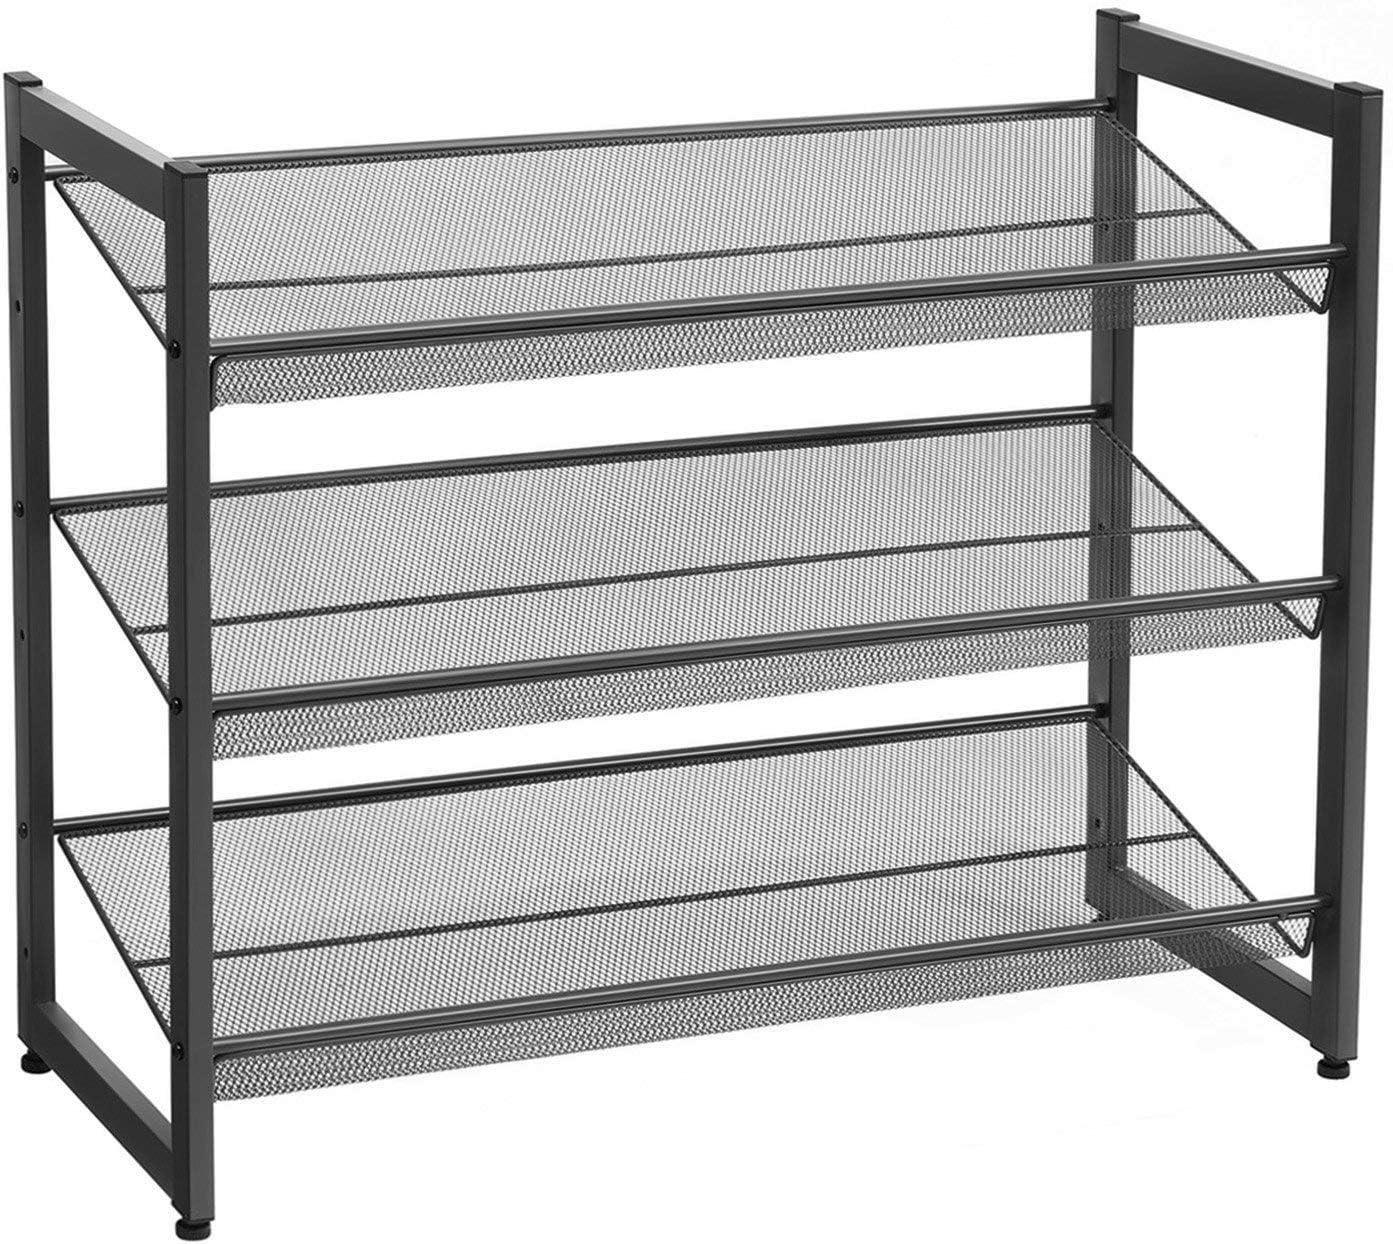 71 x 28 x 73,5 cm aus Oxford-Gewebe Wohnzimmer SONGMICS Schuhregal mit 4 verstellbaren Ablagen schwarz LSC04BK Schlafzimmer Schuhst/änder aus Metall erweiterbar Ankleidezimmer stapelbar